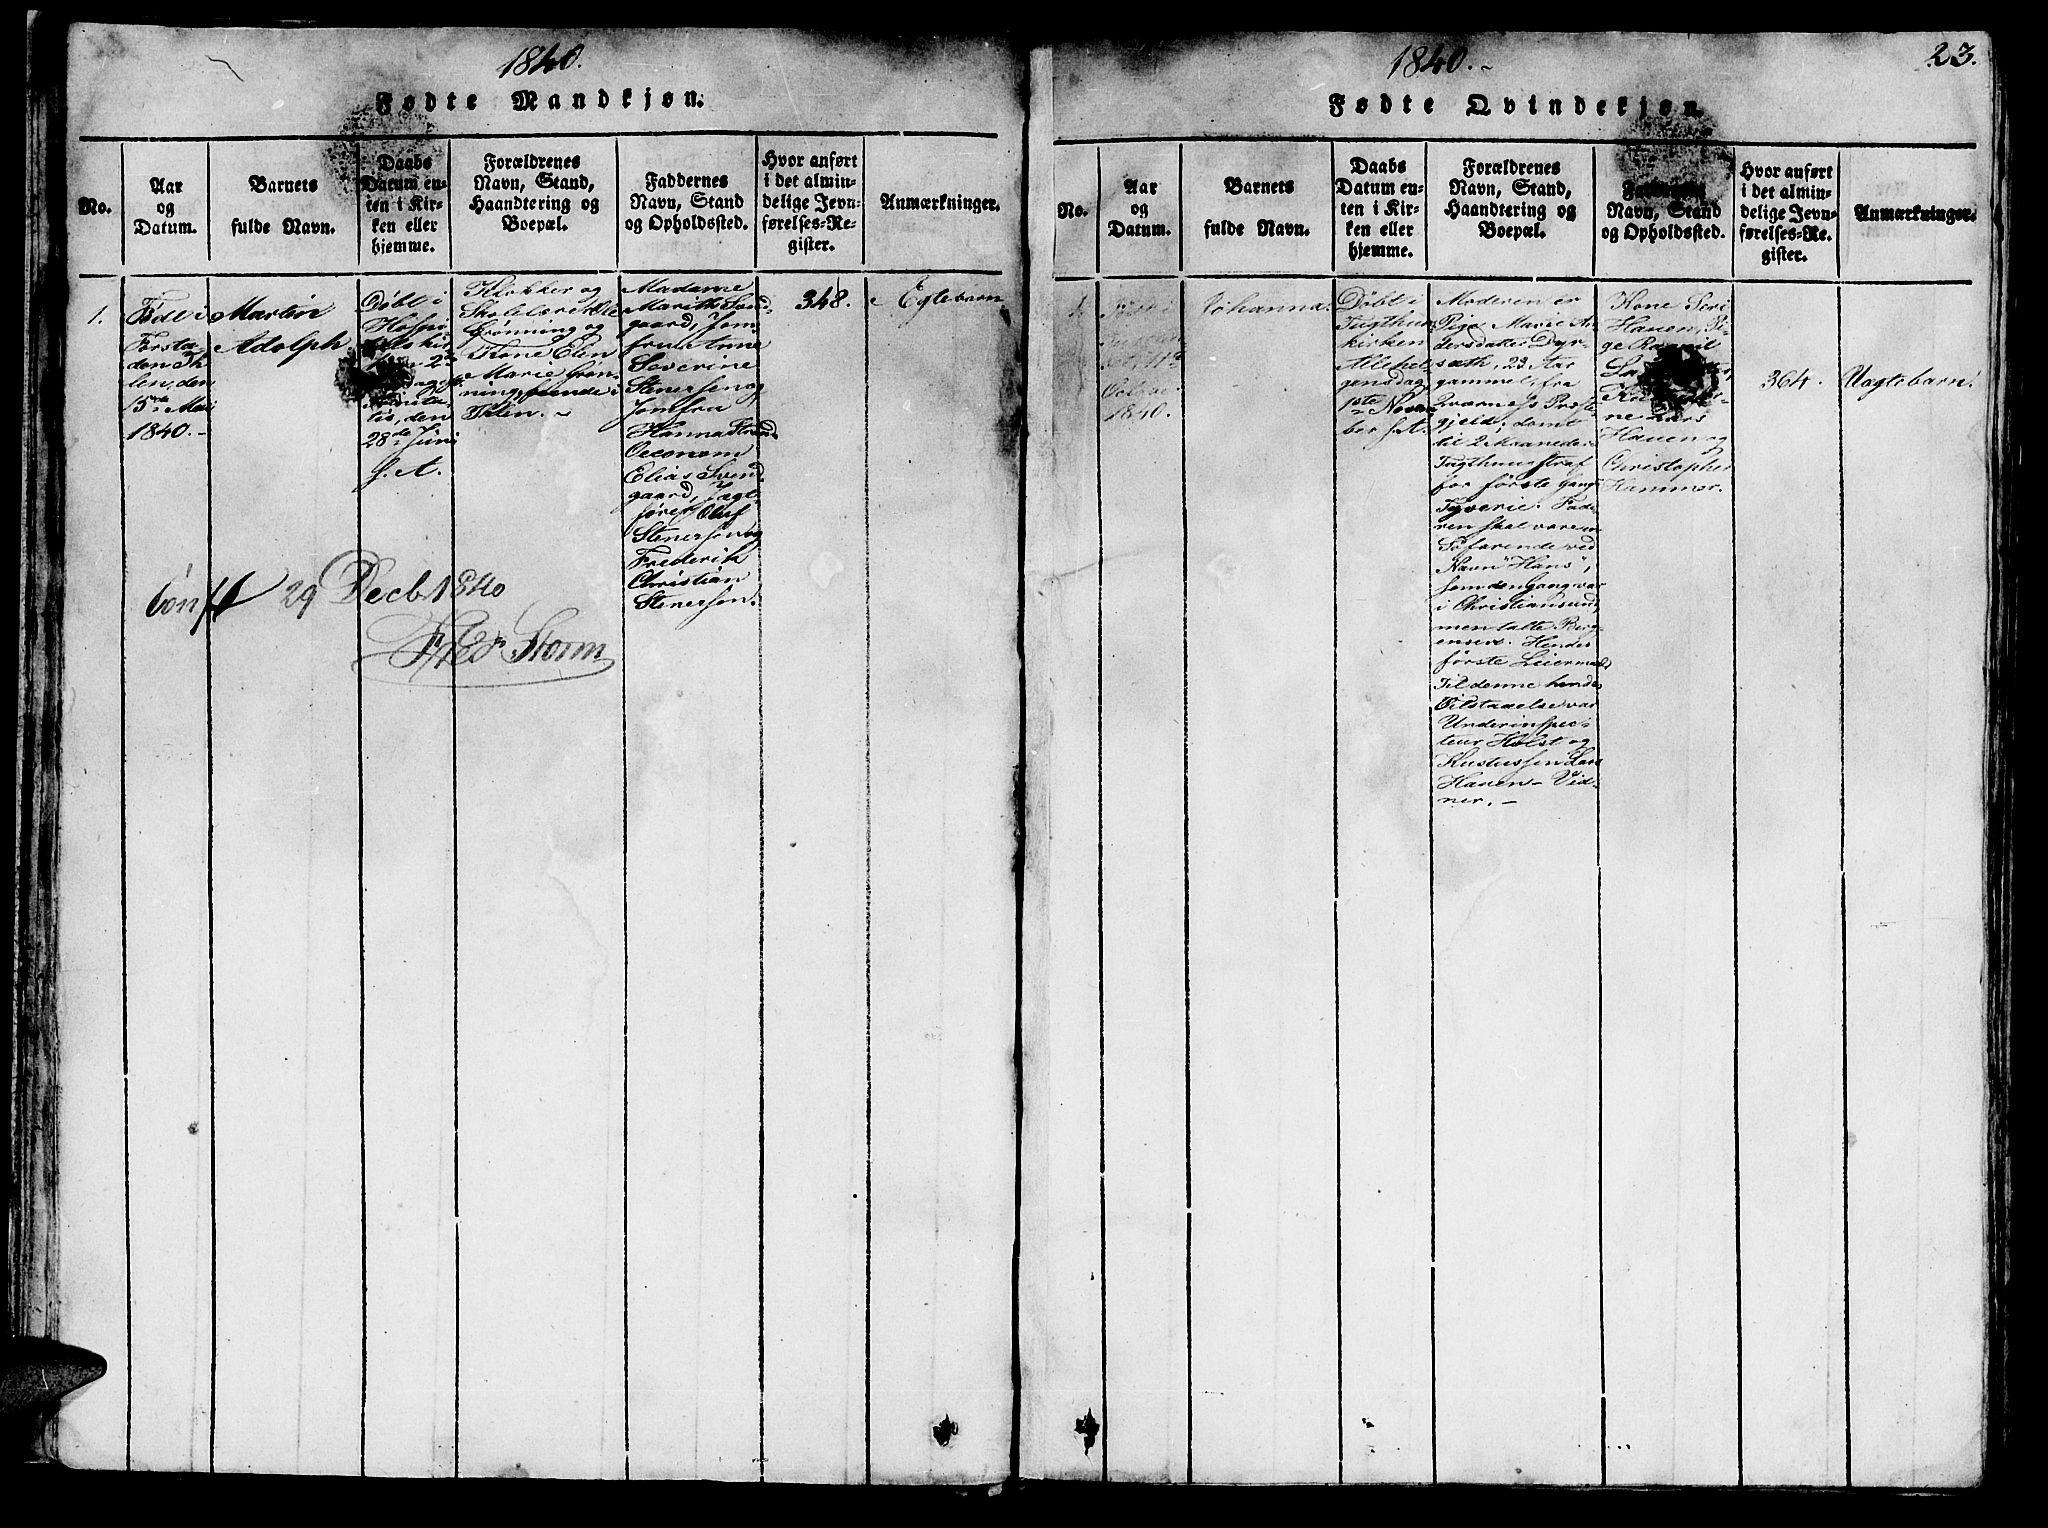 SAT, Ministerialprotokoller, klokkerbøker og fødselsregistre - Sør-Trøndelag, 623/L0478: Klokkerbok nr. 623C01, 1815-1873, s. 23